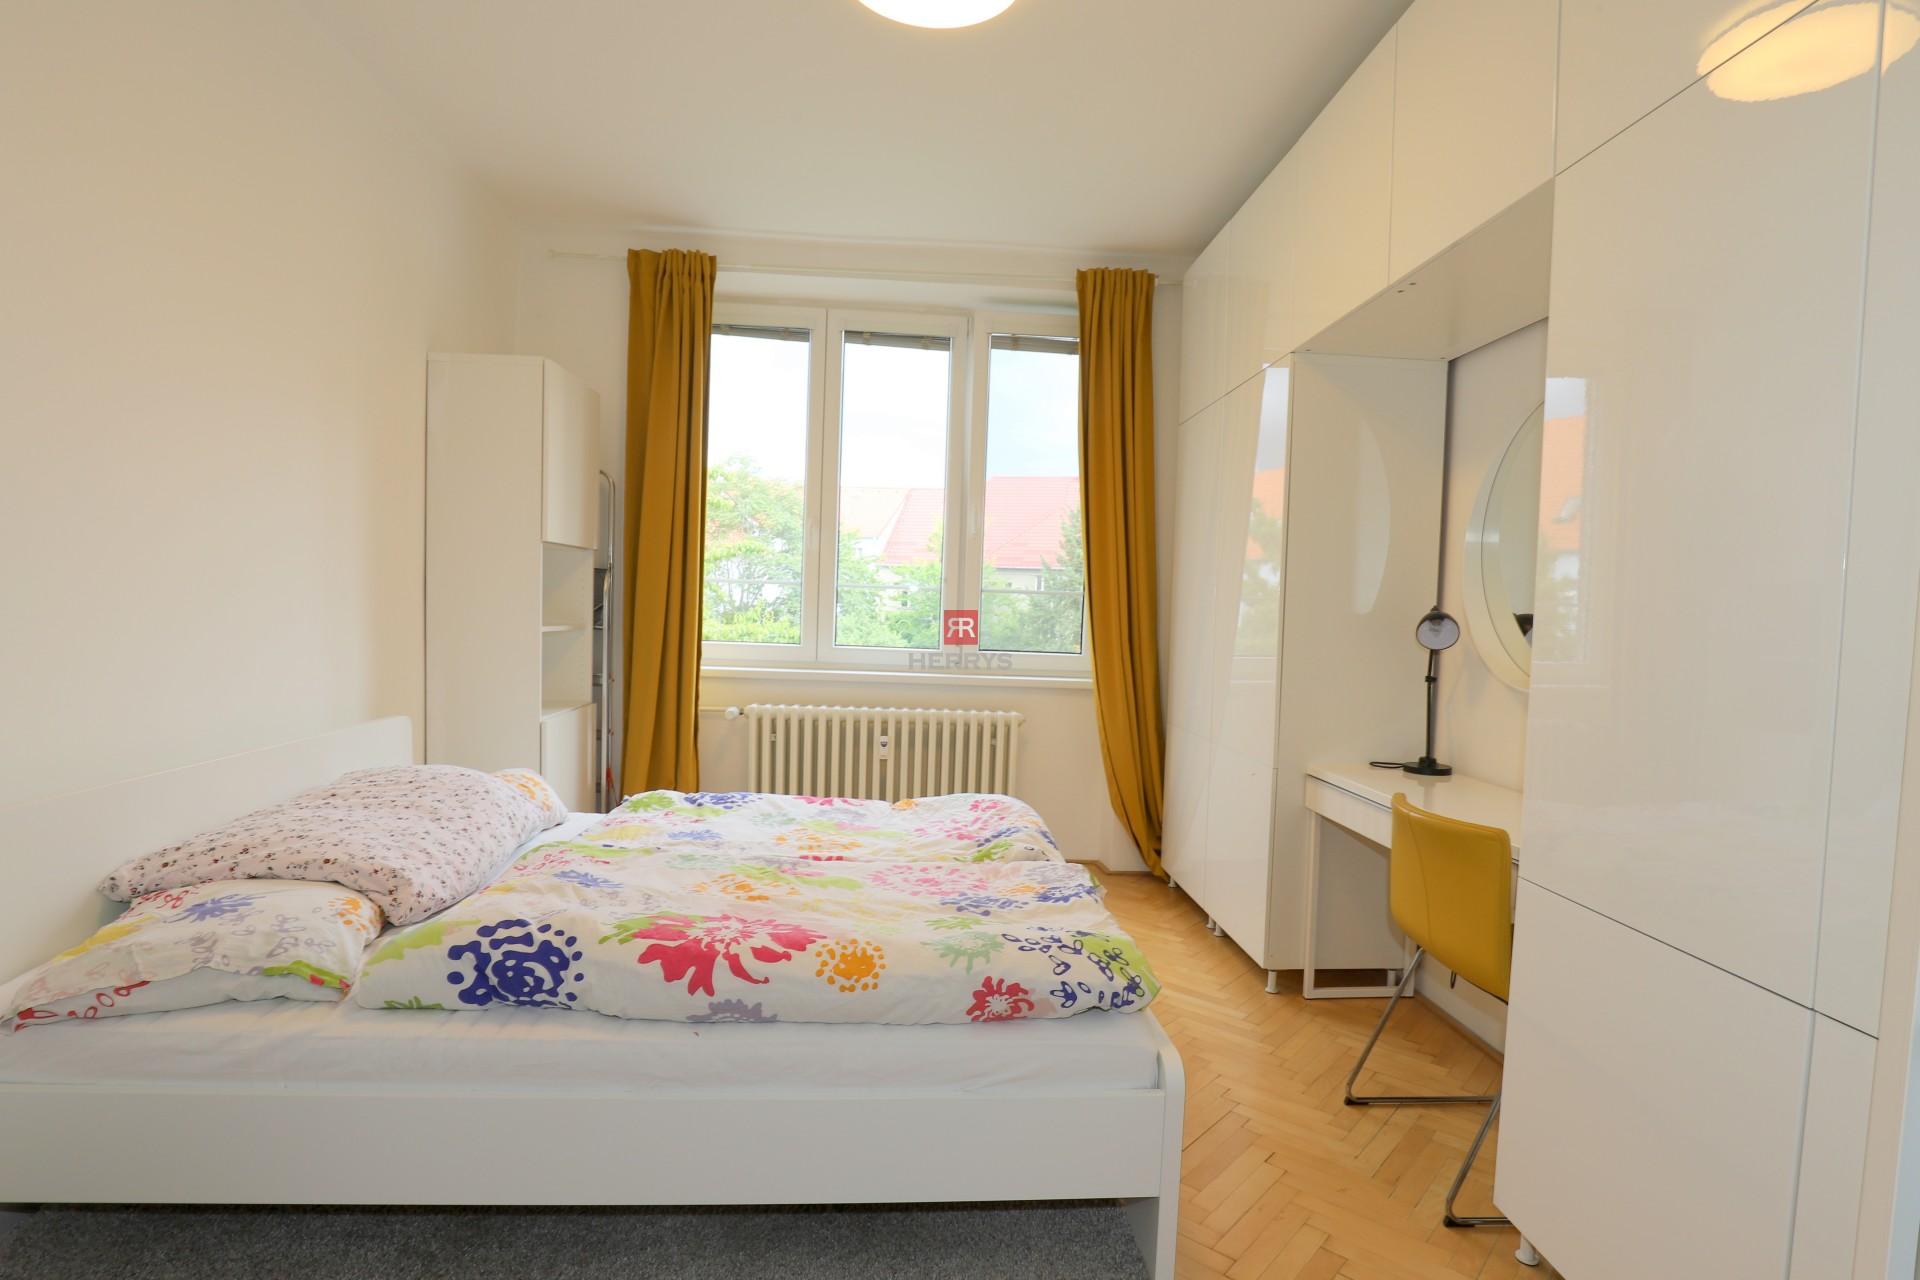 HERRYS - Na prenájom príjemný2 izbový byt na Holekovej ulici pri železničnej stanici v Starom Meste